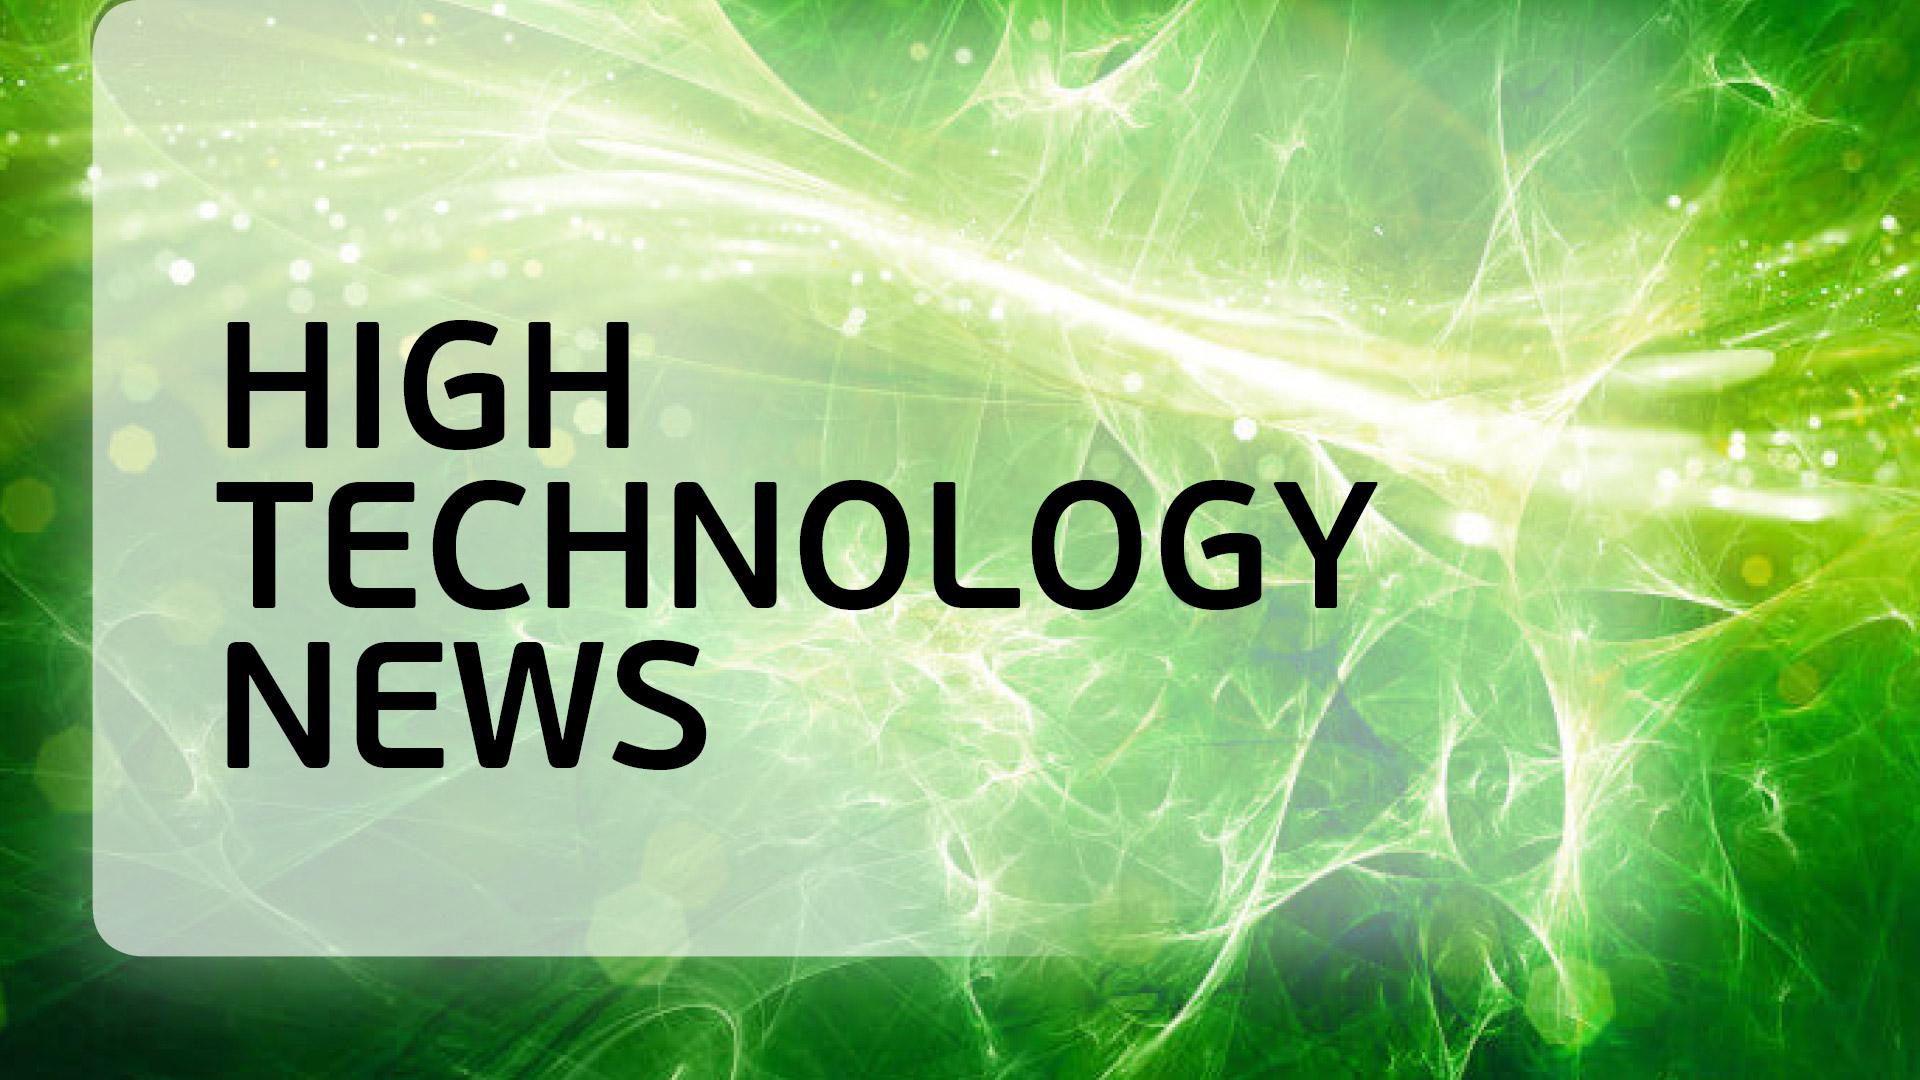 High Technology News